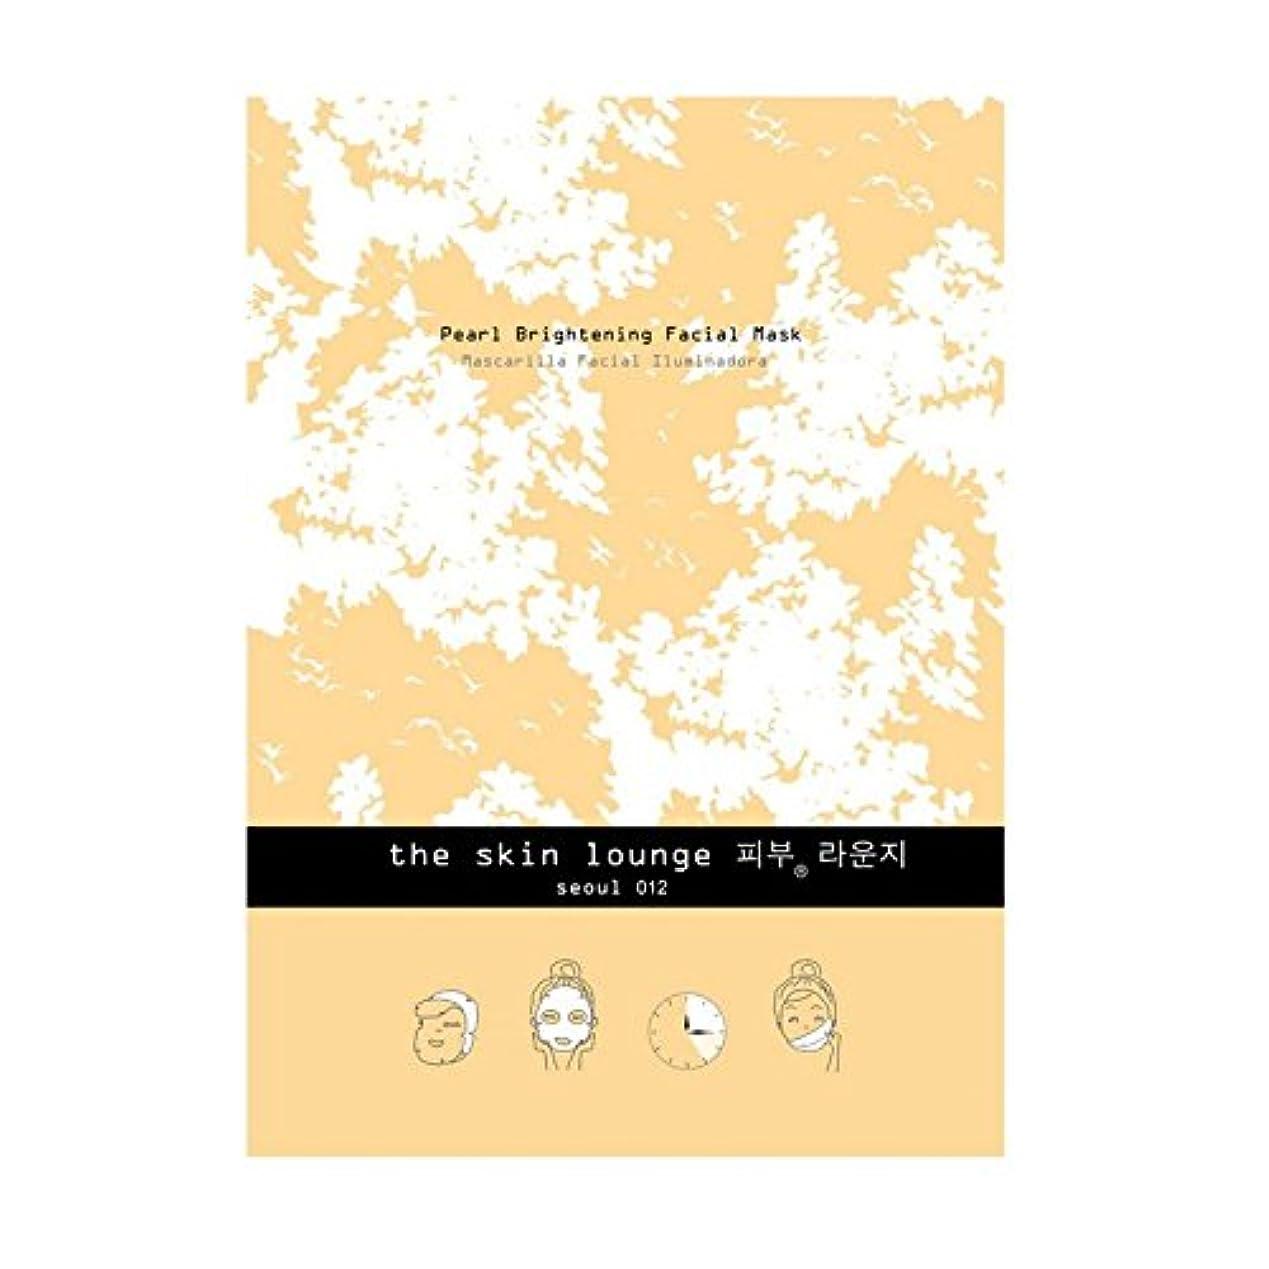 順応性ラダ新着単一セルロースマスクを明るく皮膚ラウンジ真珠 x4 - The Skin Lounge Pearl Brightening Single Cellulose Mask (Pack of 4) [並行輸入品]